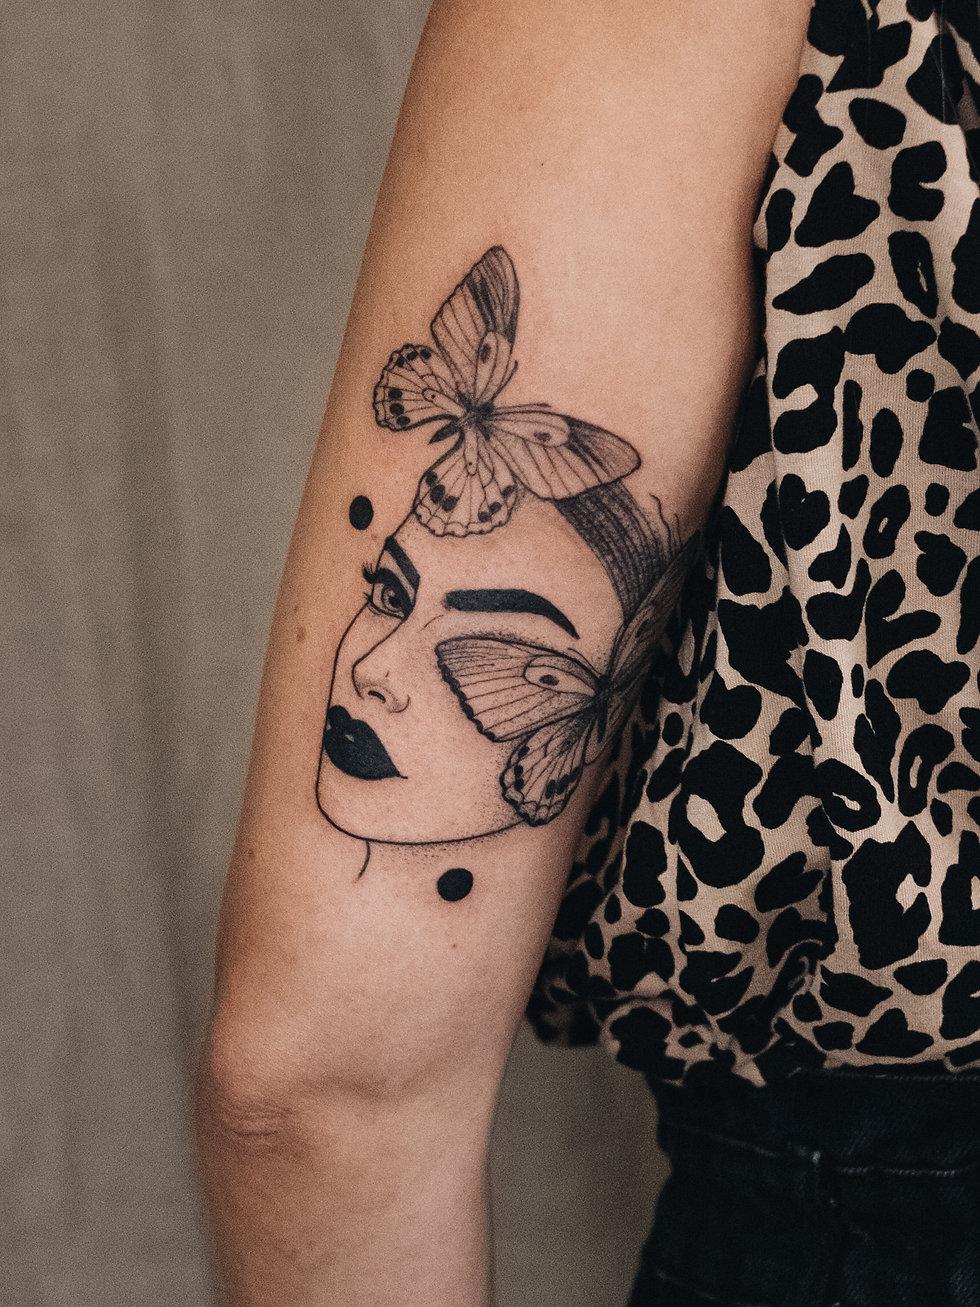 Frauenkopf mit Schmetteling Tattoo, Dotwork, von Eva Schatz, MINT CLUB Tattoo Salzburg